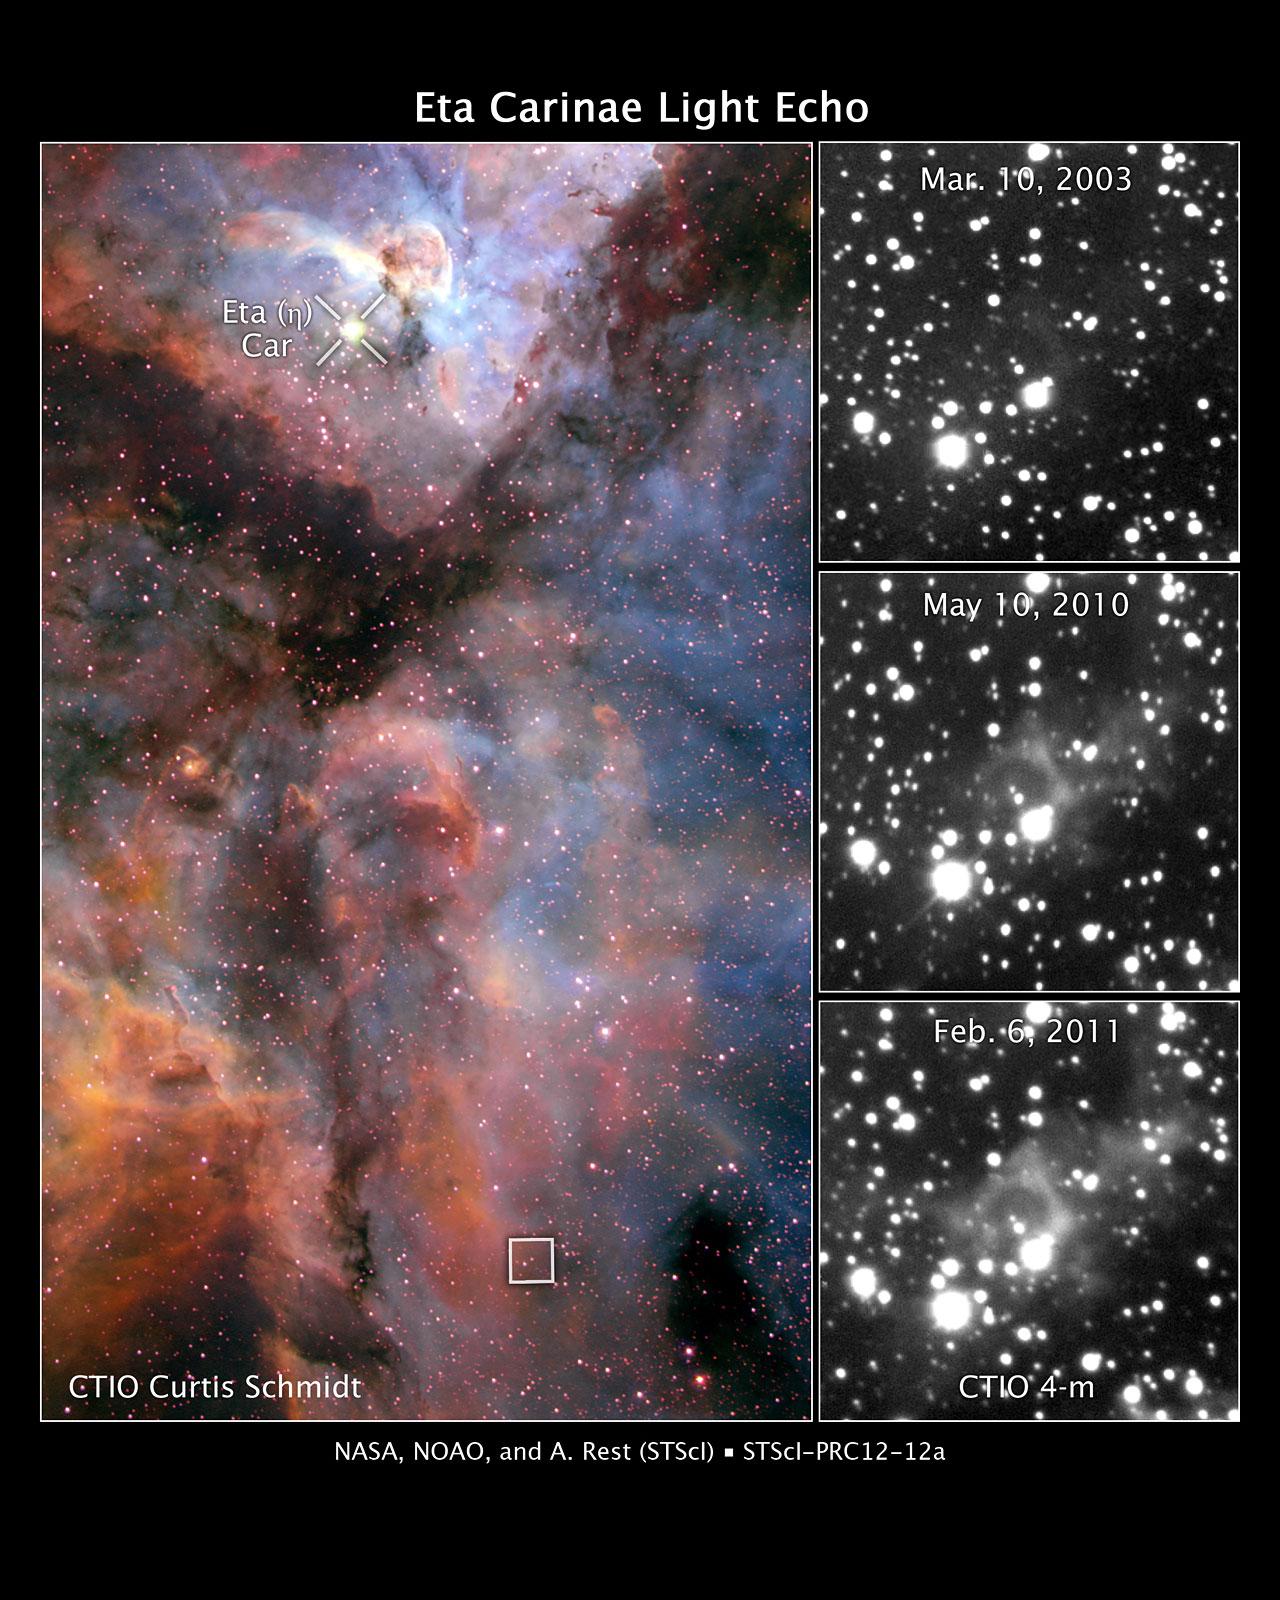 Eta Carinae light echo